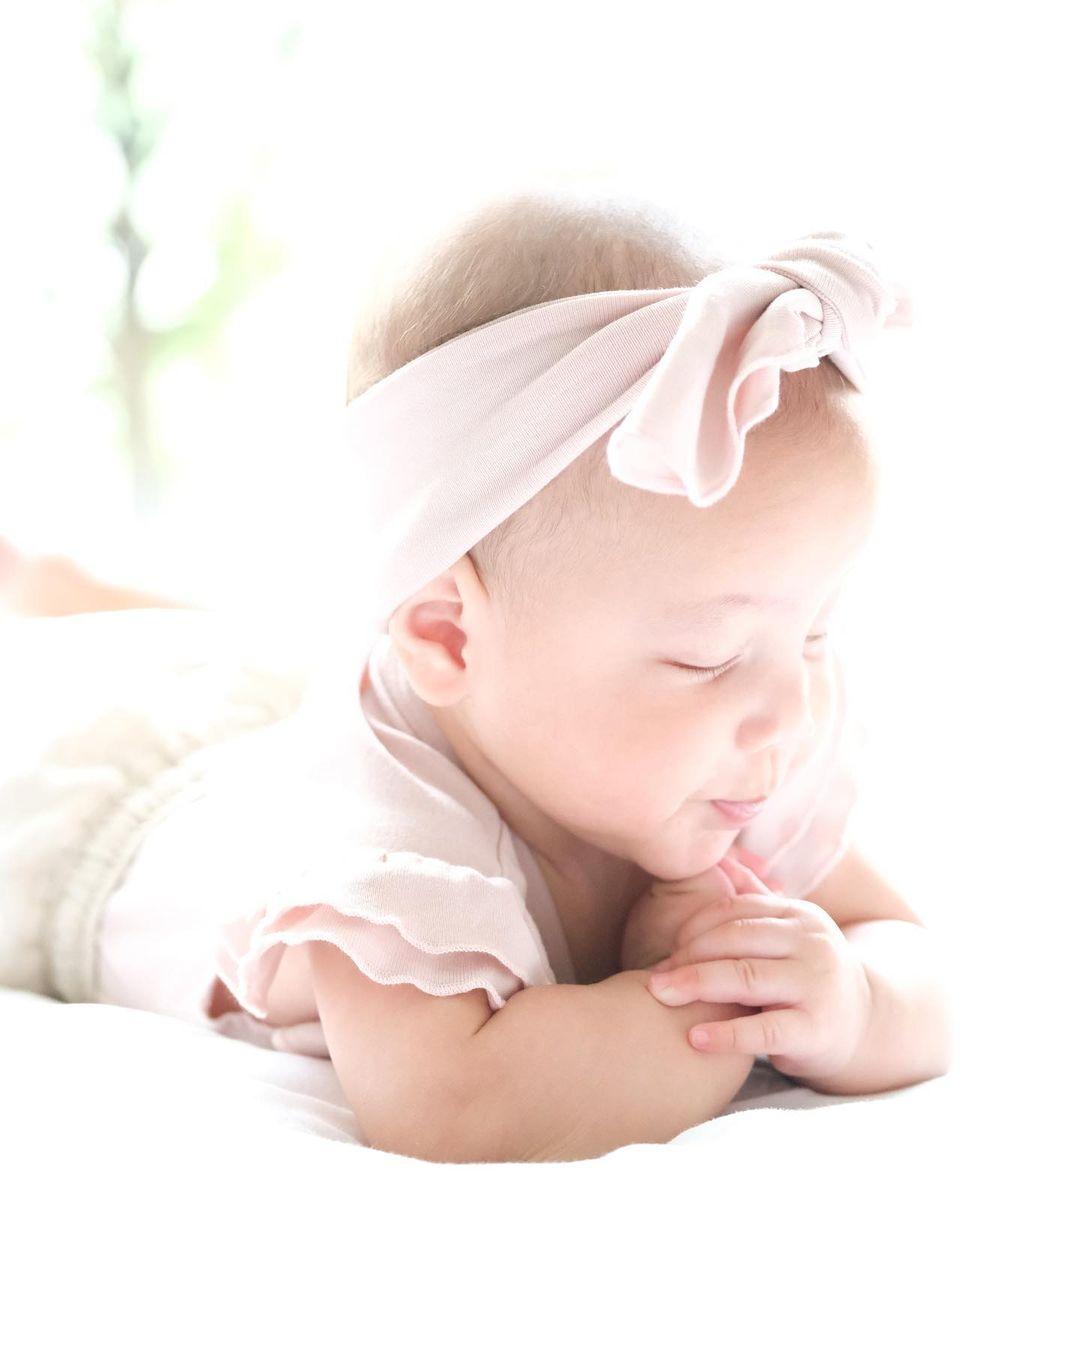 Hồ Ngọc Hà khoe trọn bộ ảnh cặp song sinh 6 tháng: Lisa công chúa ngơ ngác, Leon thanh niên nghiêm túc 2